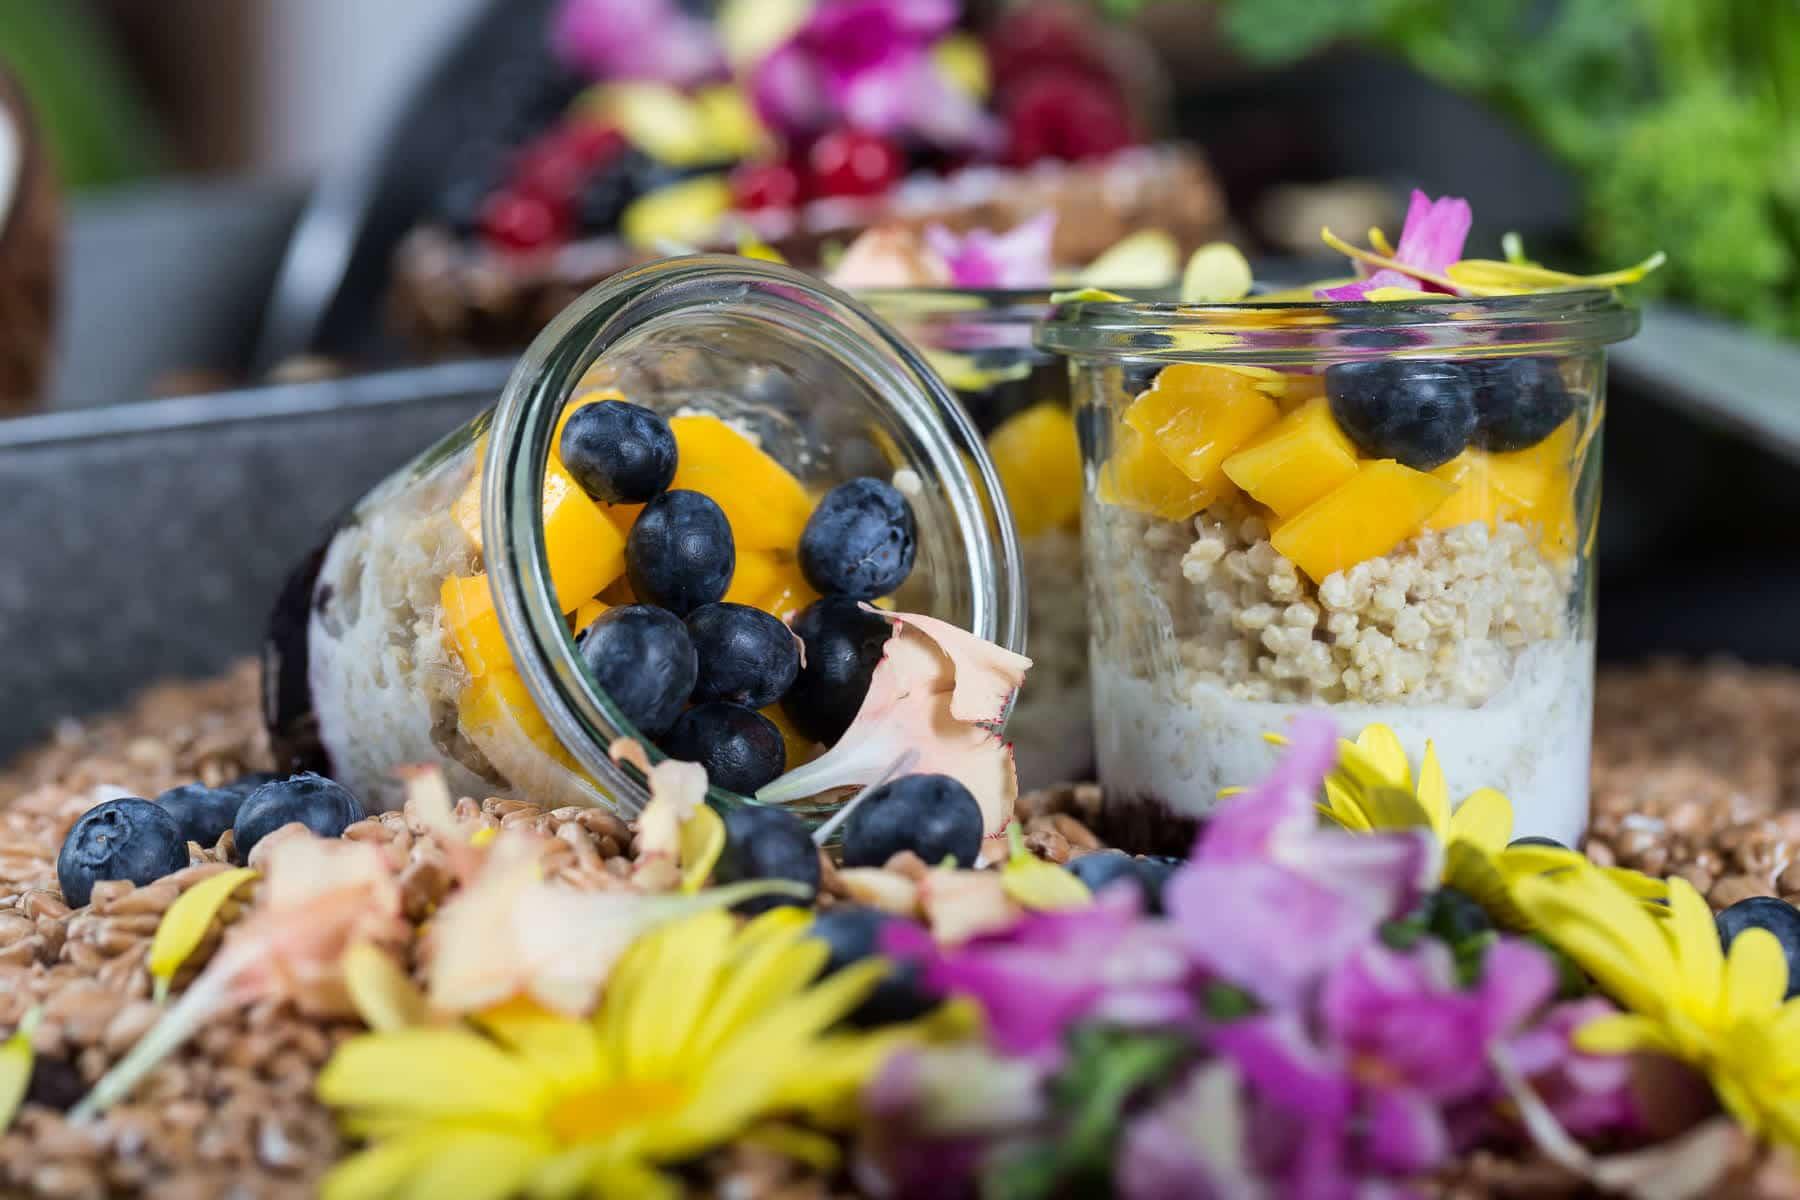 zwei Nachtischdessert im Weckglas mit Beeren